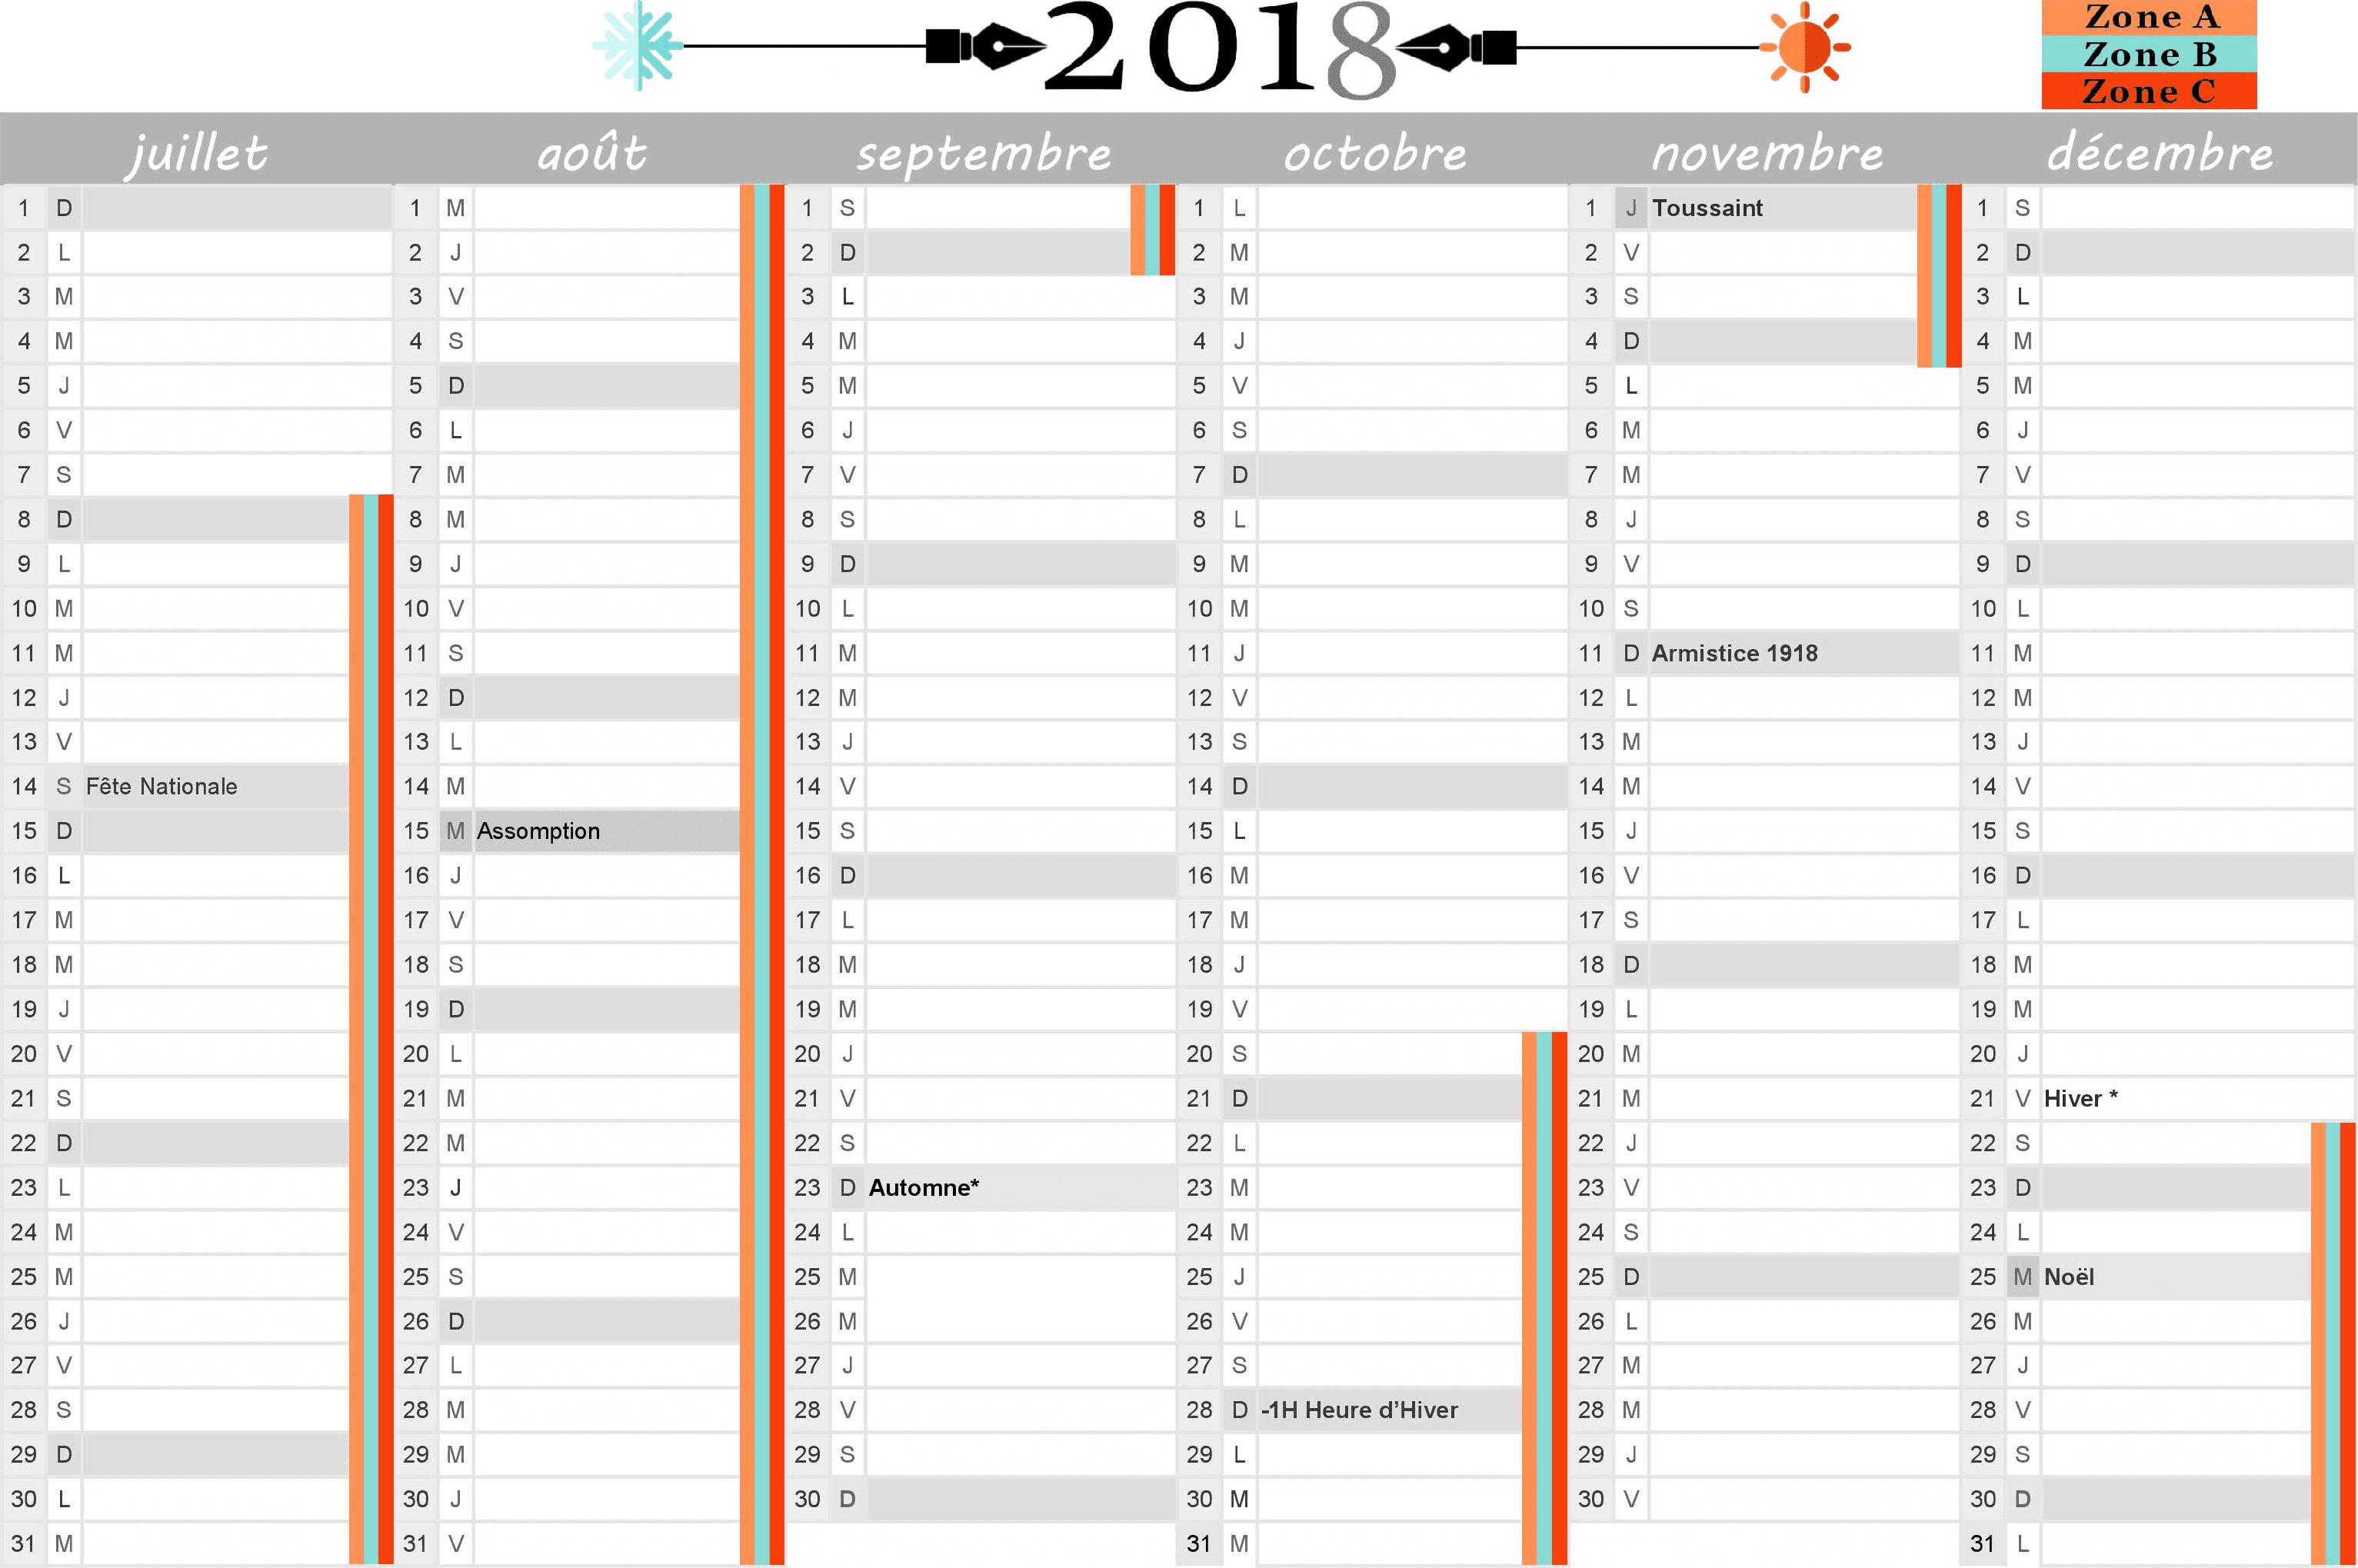 Calendrier 2018 Scolaire 2021 Calendrier 2018 : vacances scolaires et jours fériés inclus. 2ème